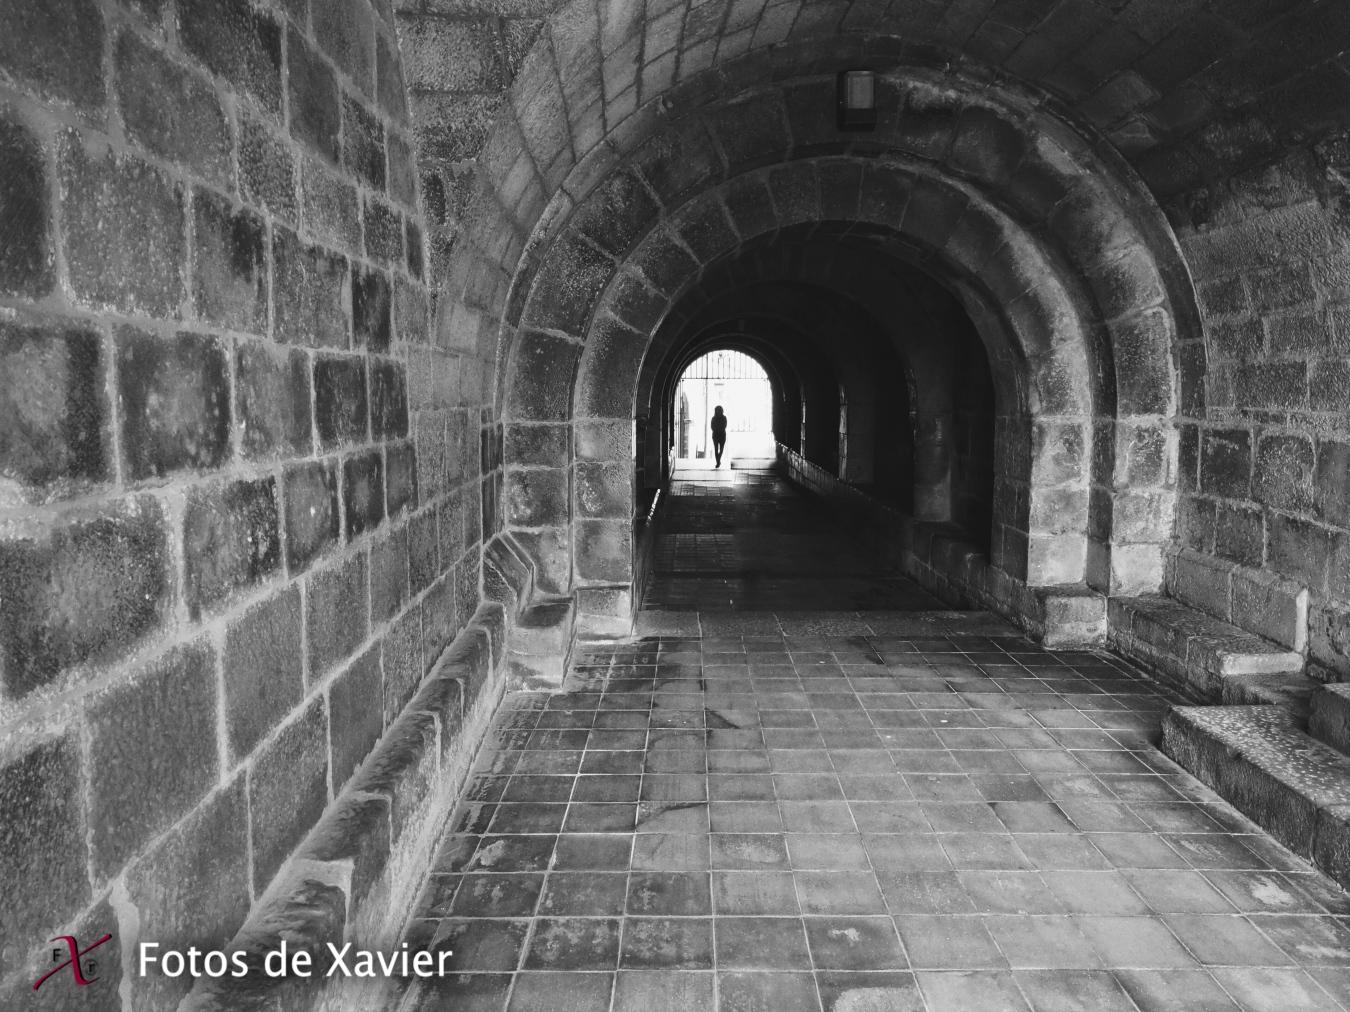 D'altres temps - Blanco y negro - Fotos de Xavier. Fotografia de naturaleza y paisaje en blanco y negro. Xavier Linares